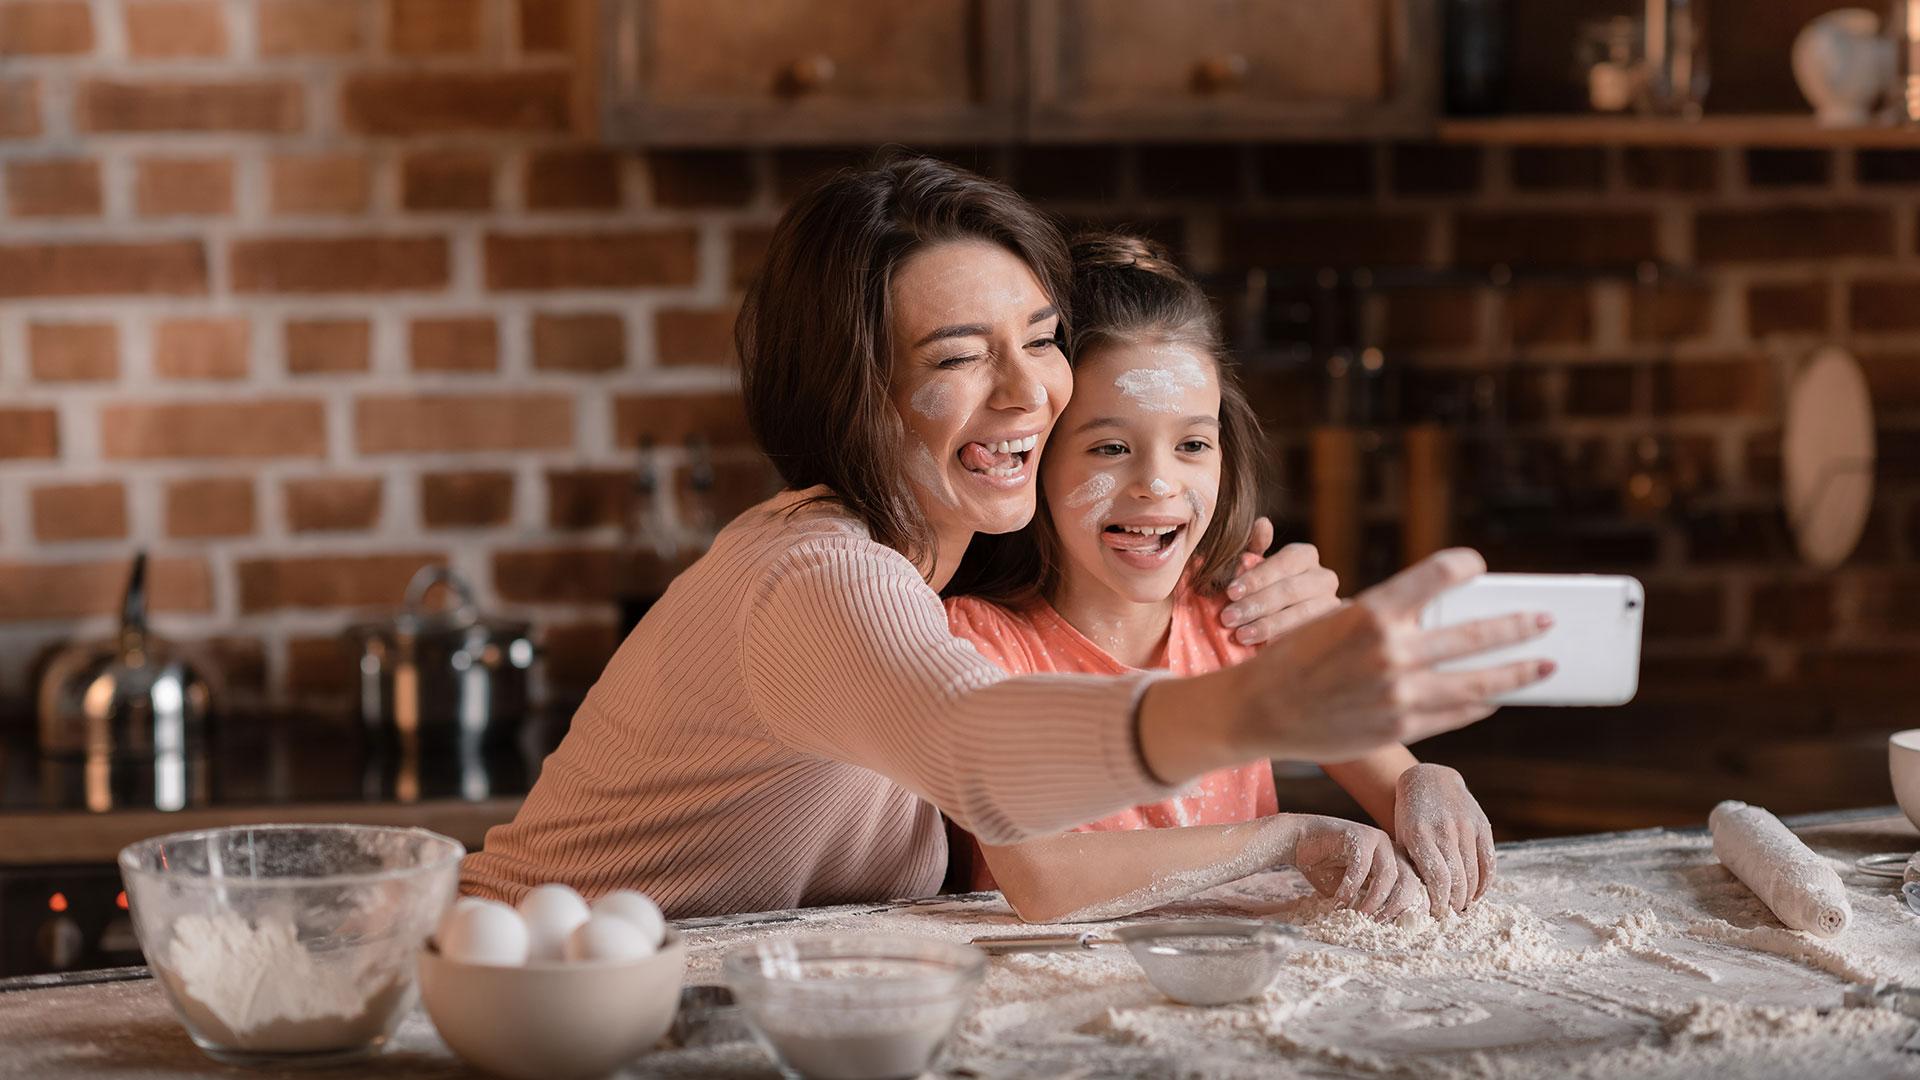 La inserción de la mujer en el campo laboral la alejó de sus pares a la hora de criar a los hijos (Getty)